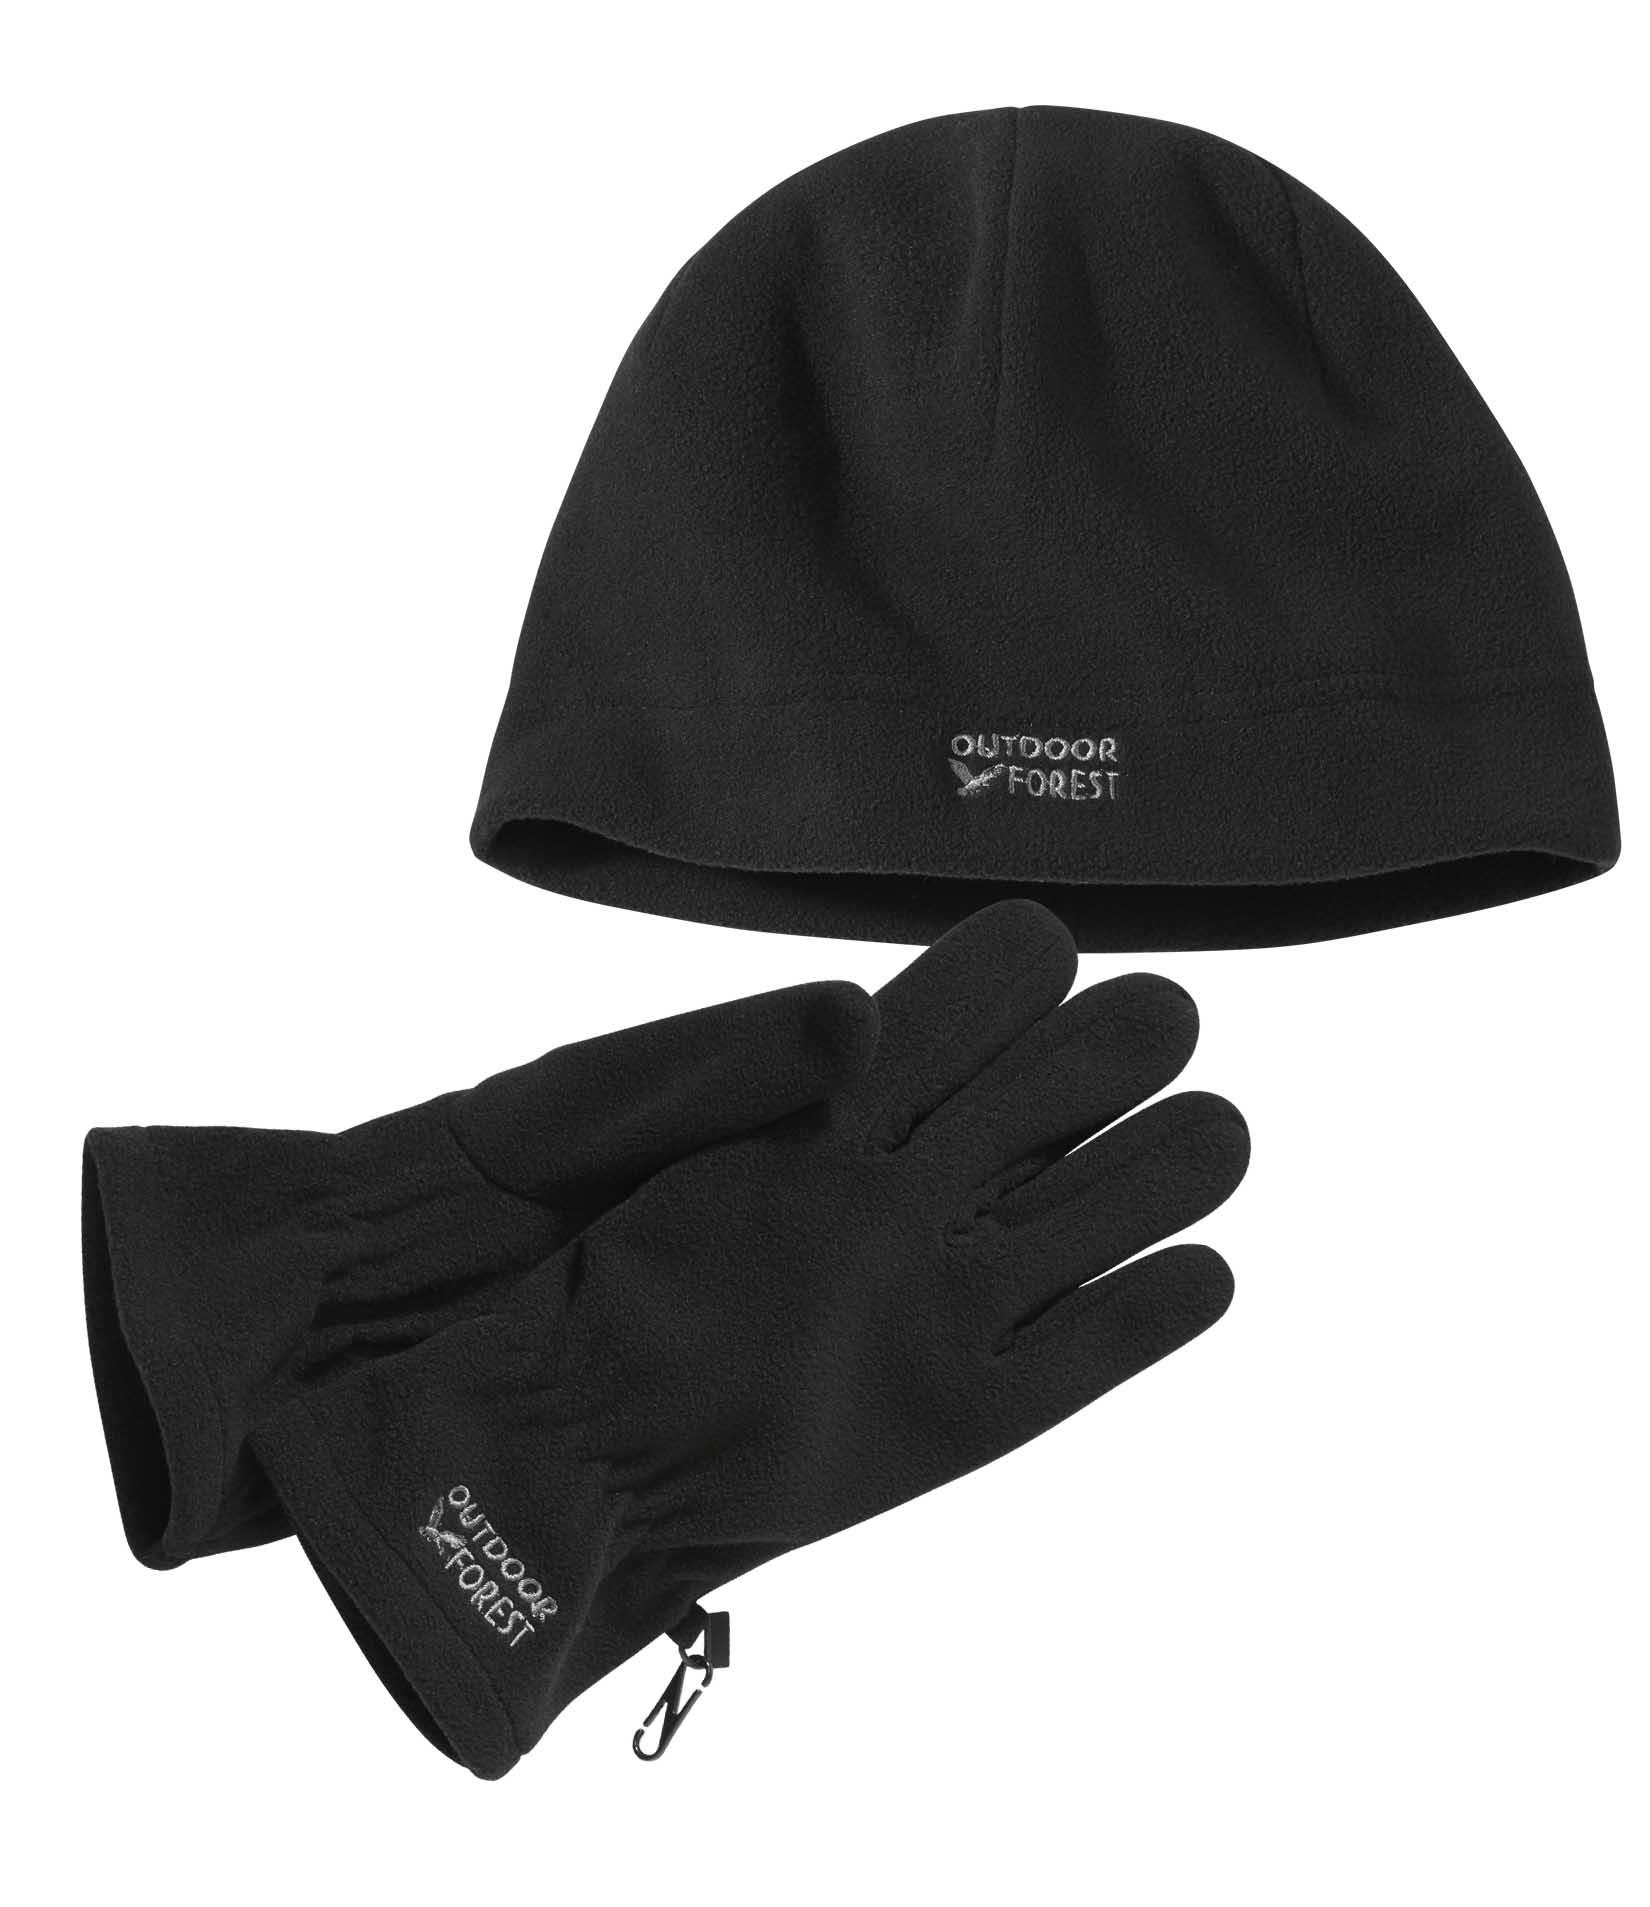 Bonnet + gants polaires Outdoor Forest (plusieurs tailles)